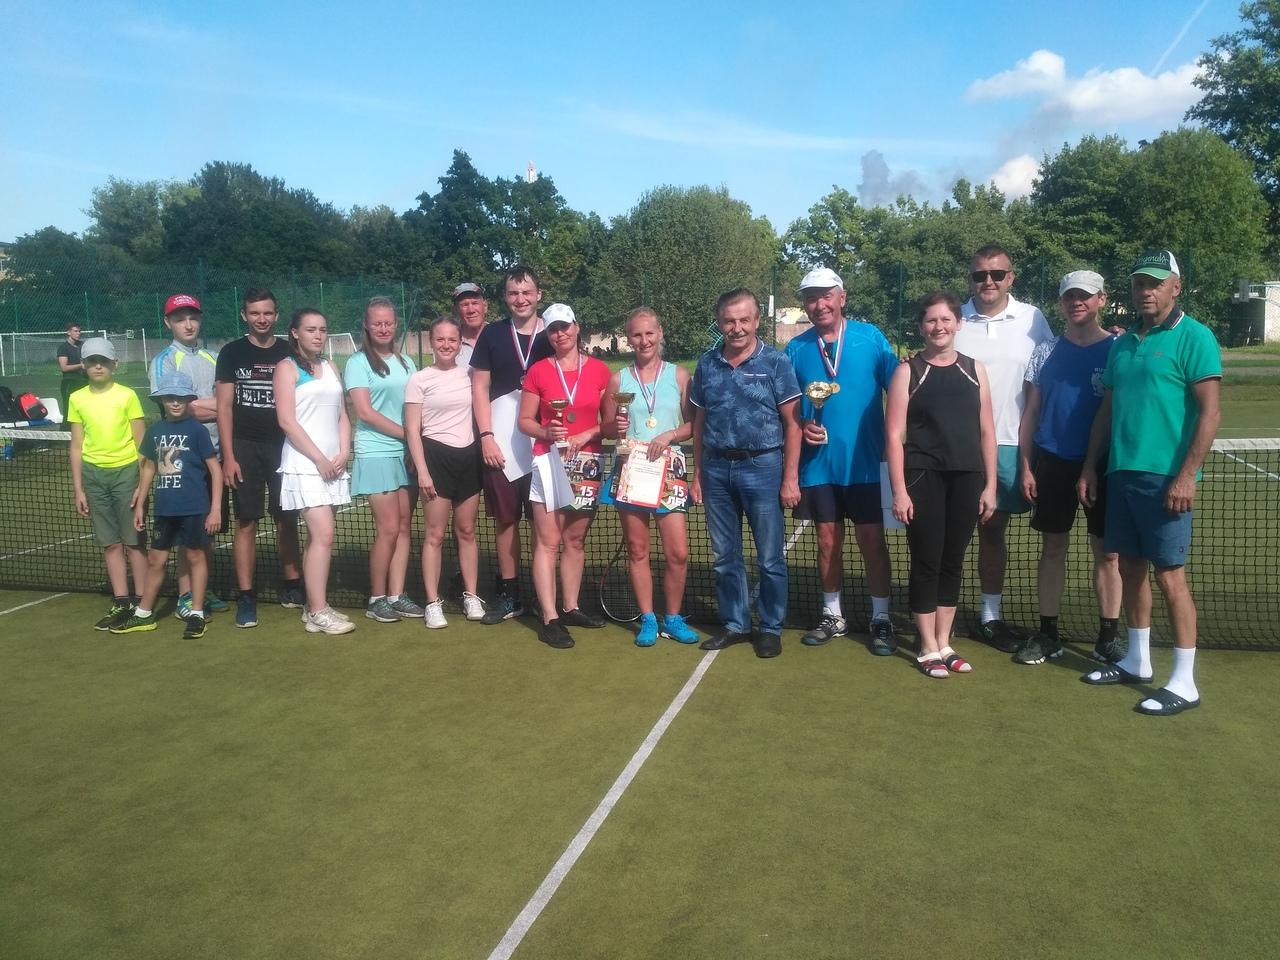 8 августа 2020 года на стадионе «Металлург» прошел городской парный теннисный ту...